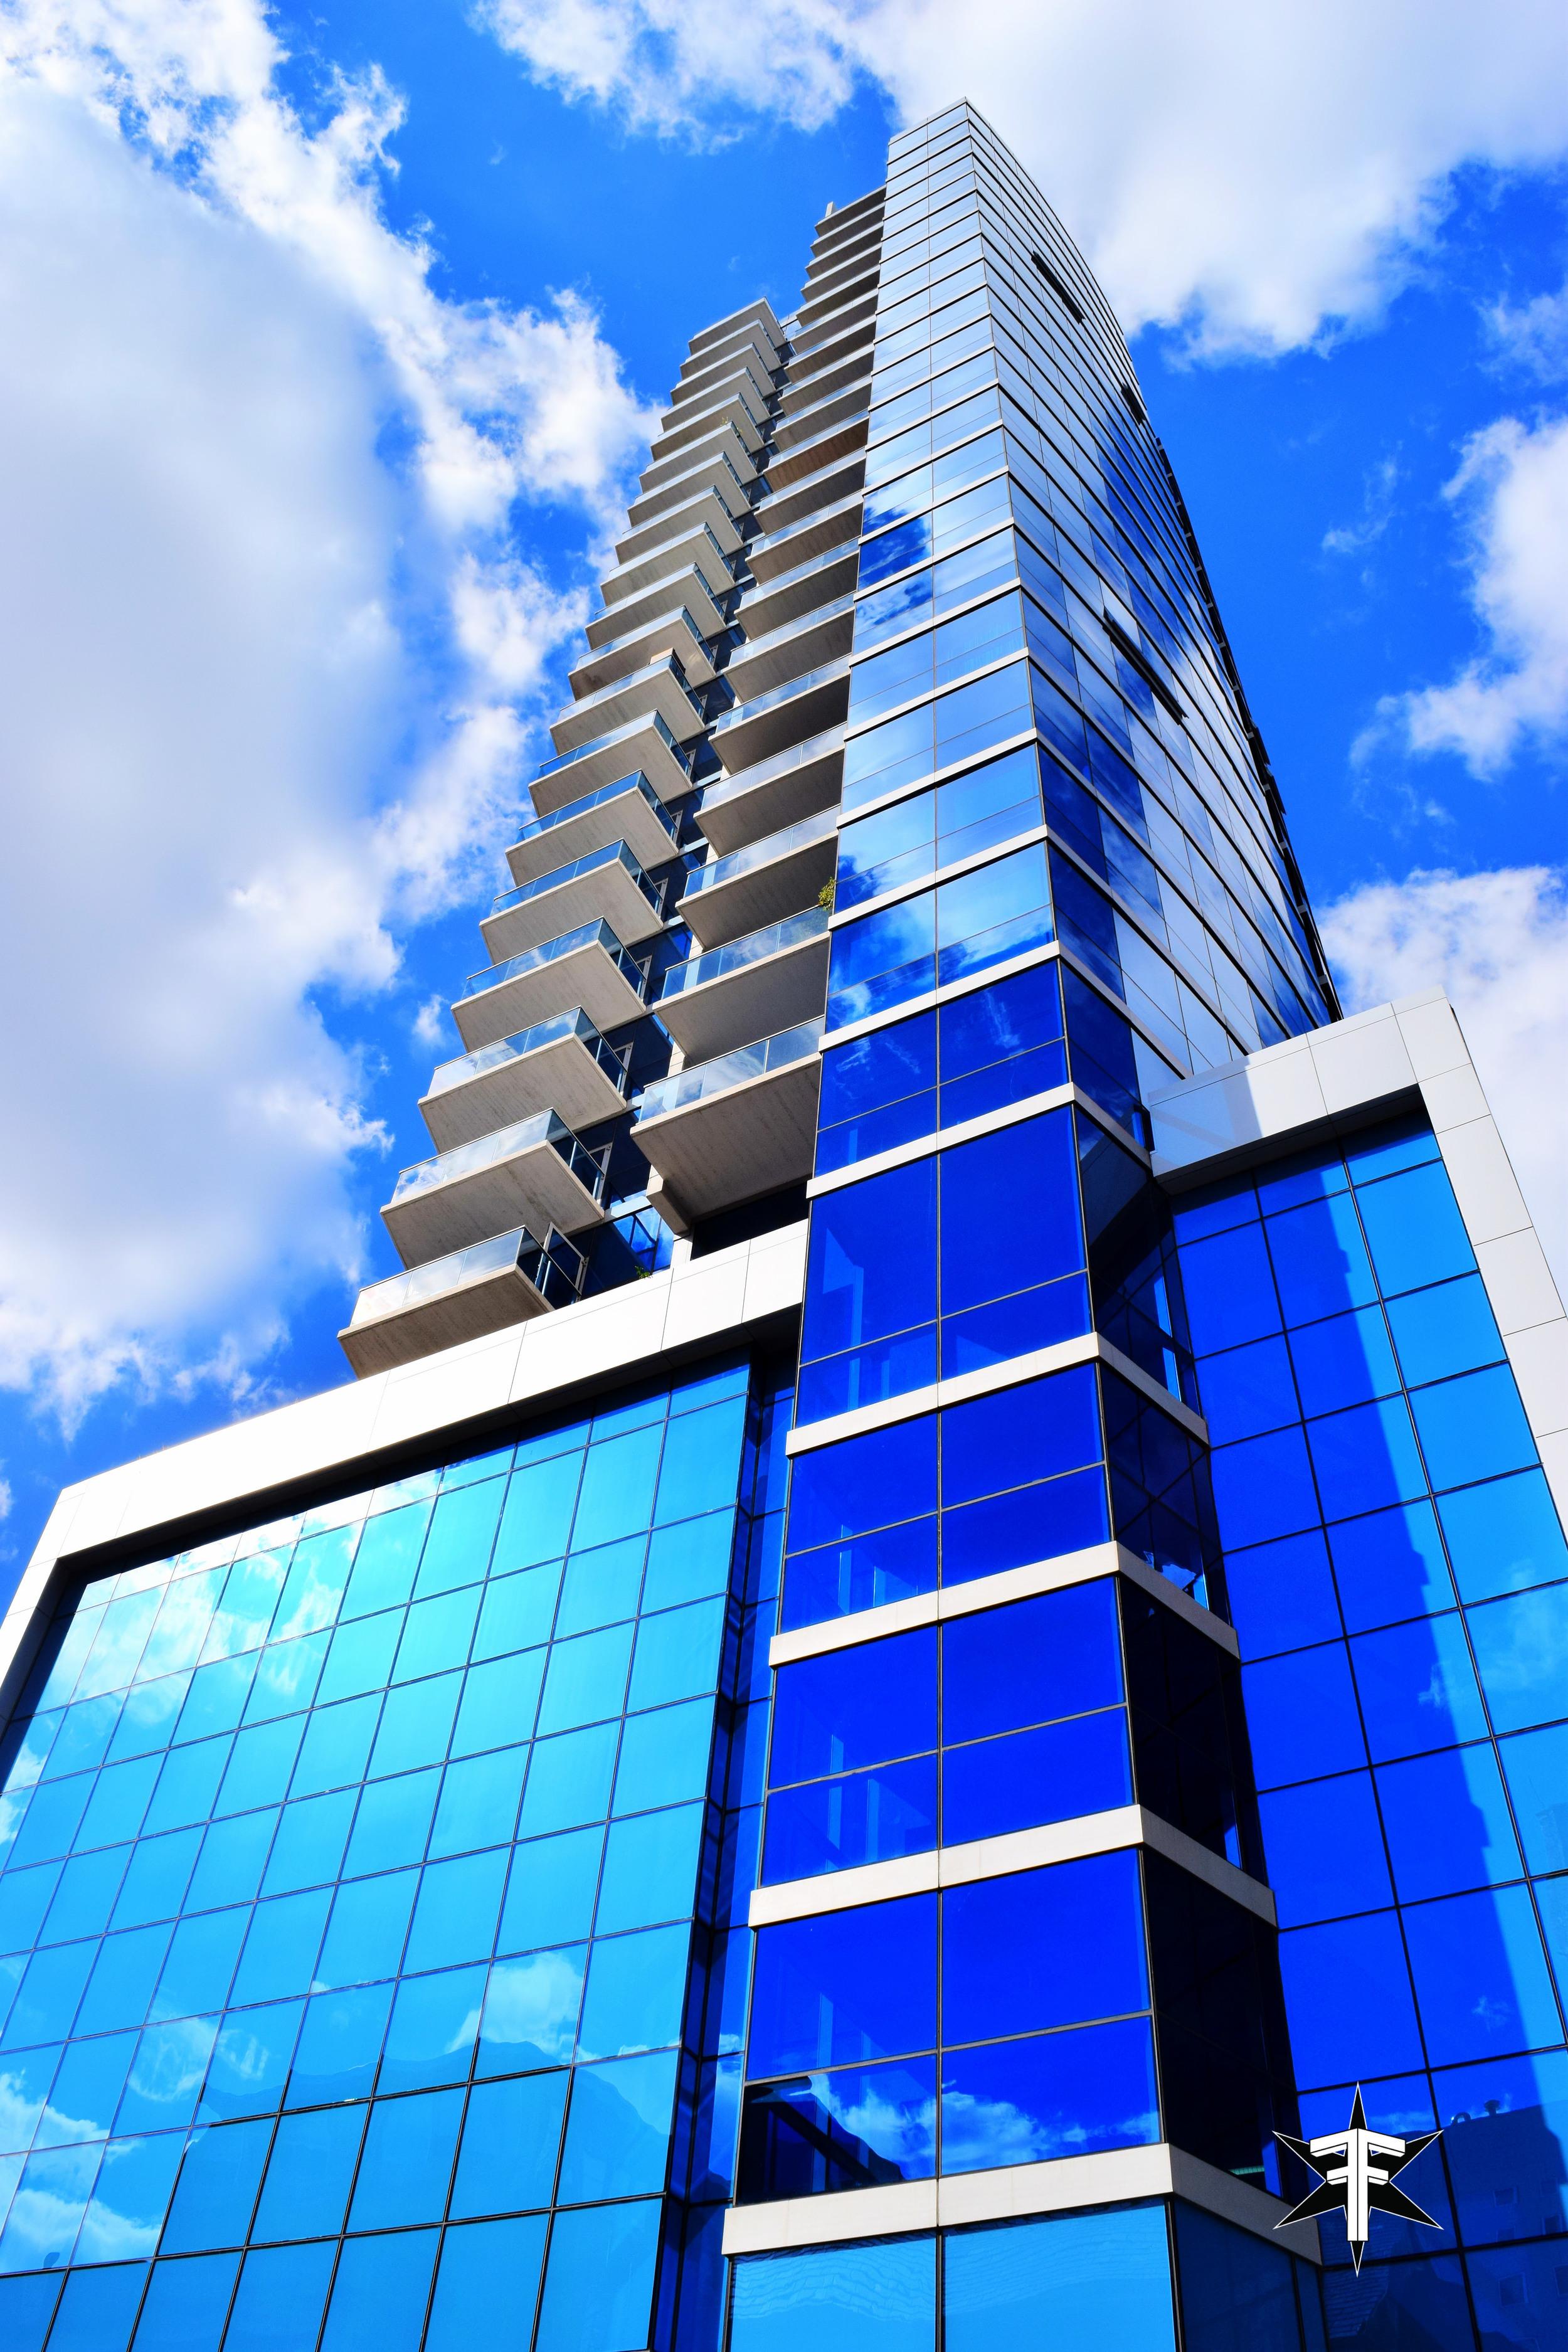 chicago architecture eric formato photography design arquitectura architettura buildings skyscraper skyscrapers-139.jpg